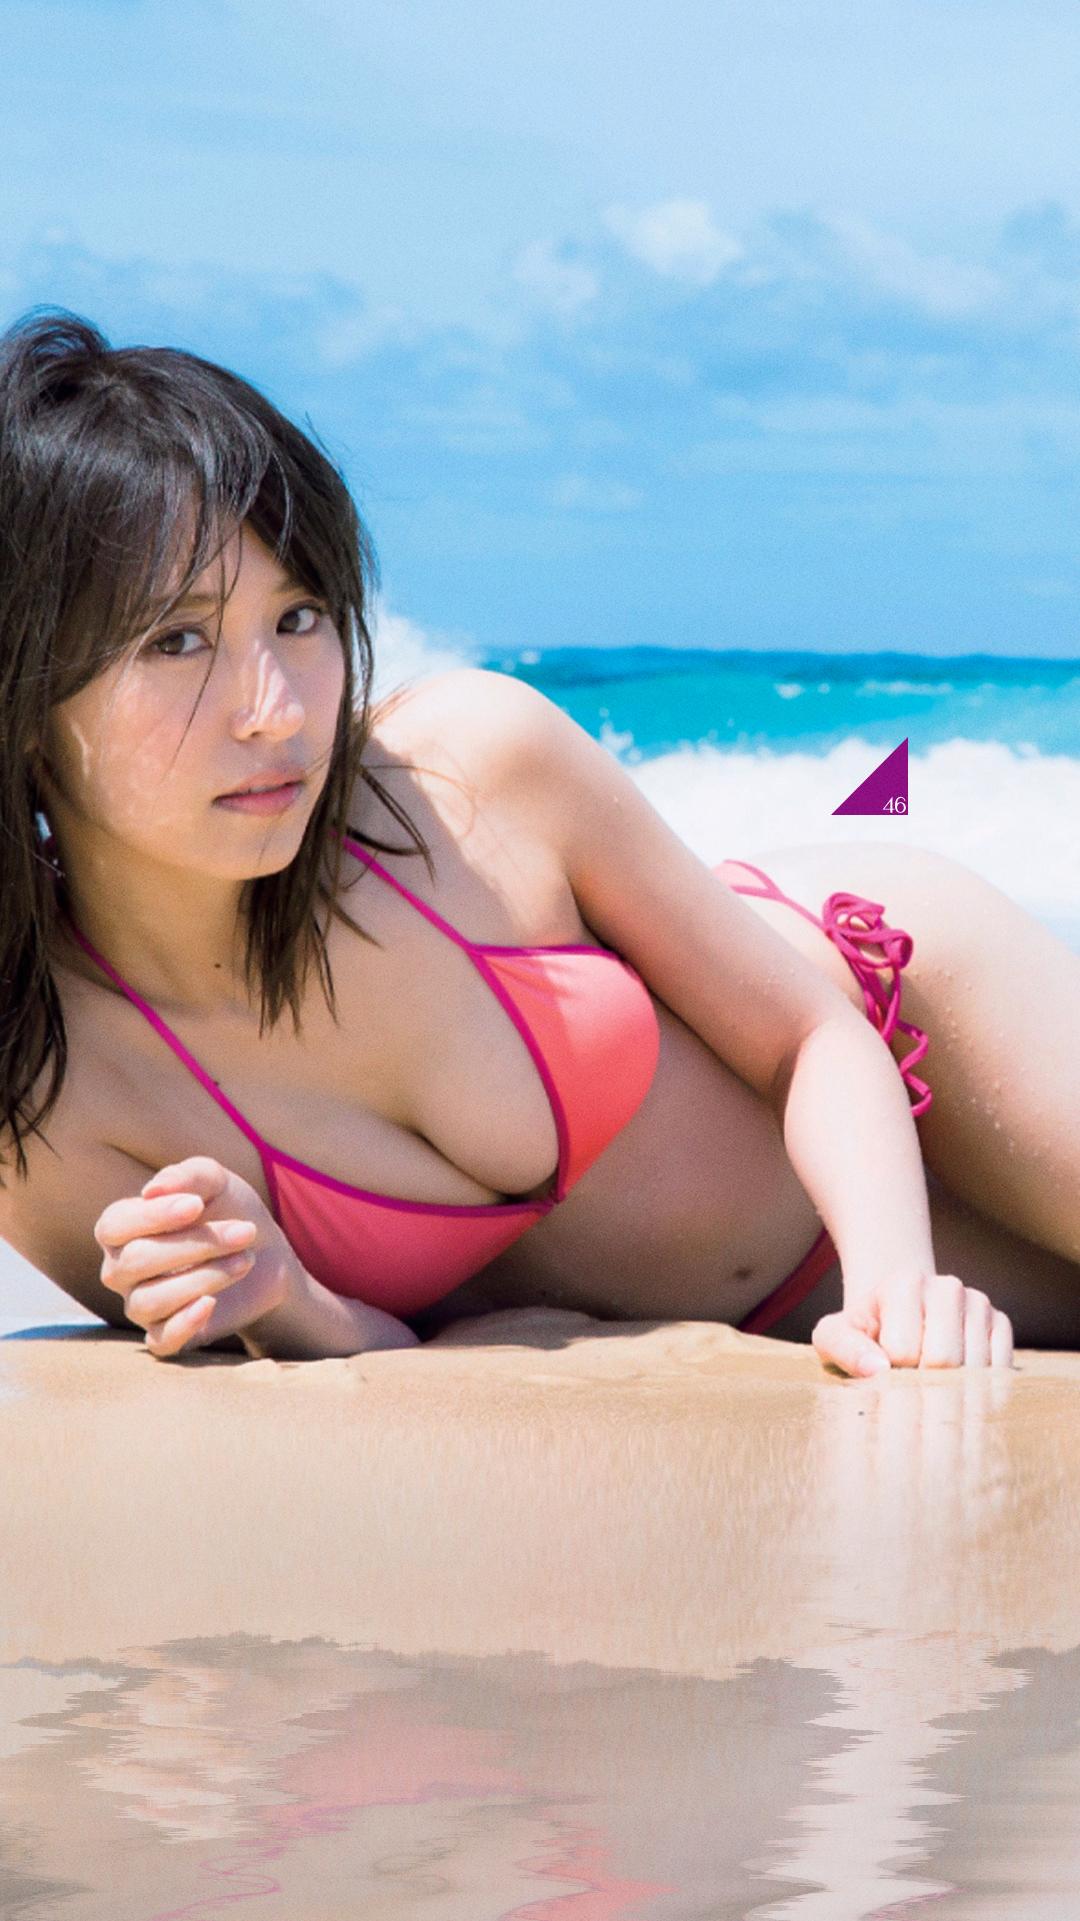 砂浜に寝転ぶ姿の衛藤美彩さん